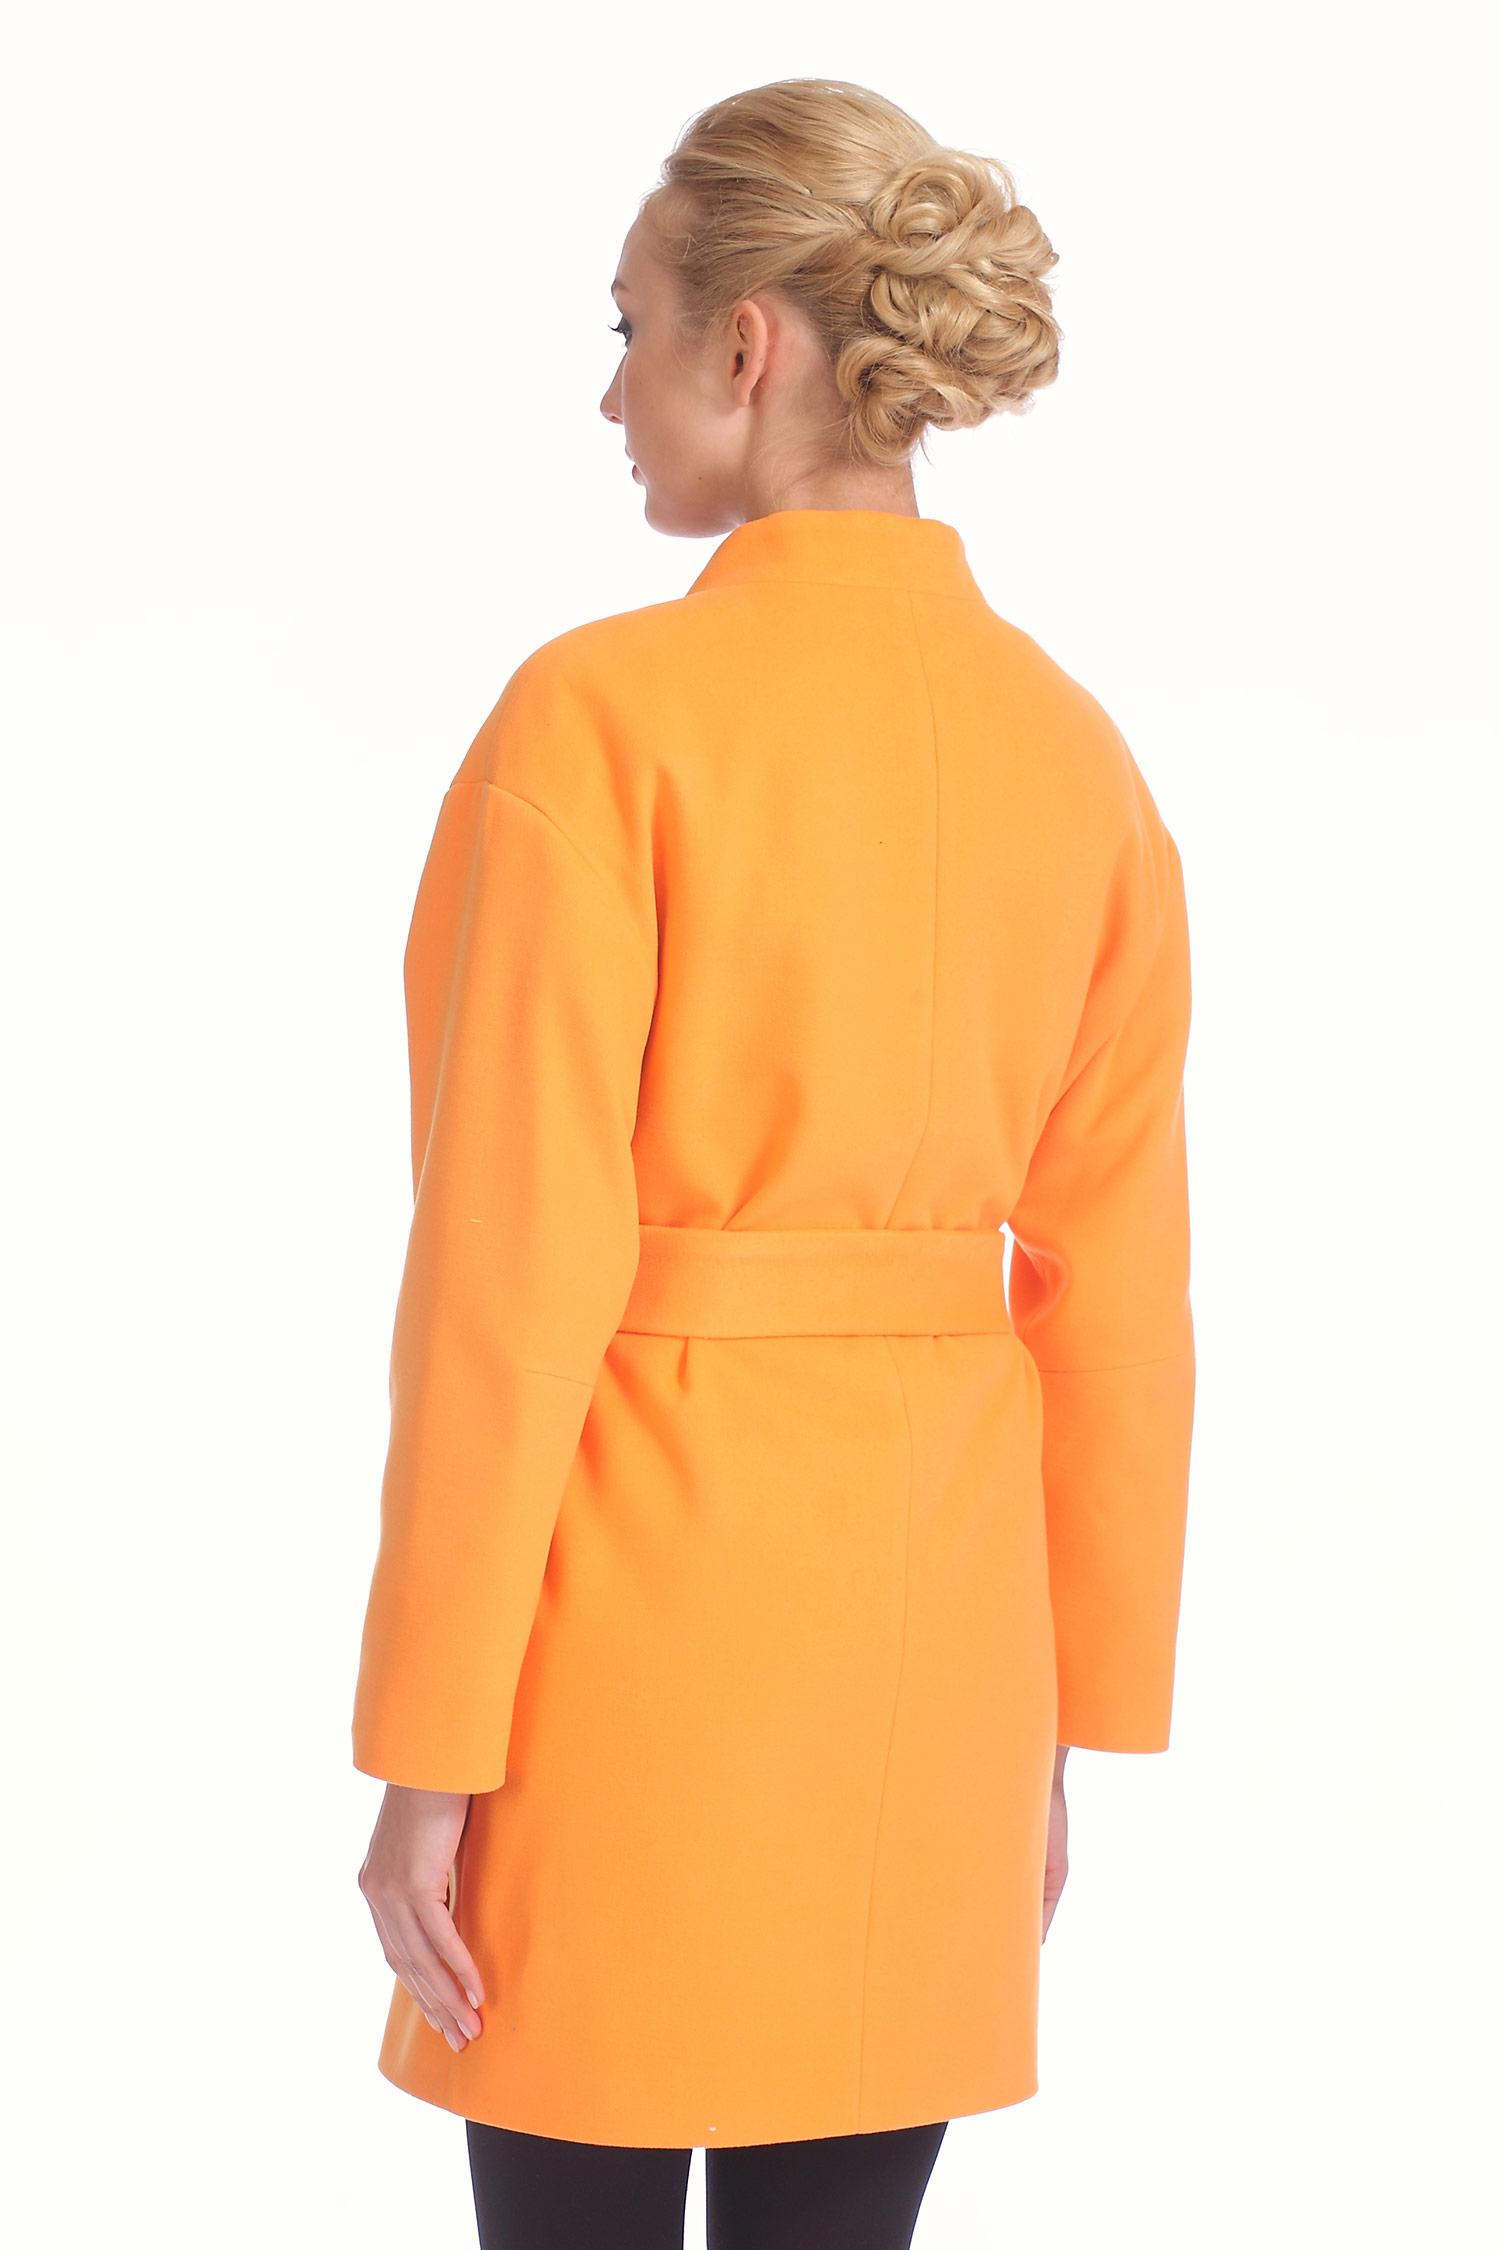 Фото 2 - Женское пальто из текстиля с воротником от МОСМЕХА оранжевого цвета